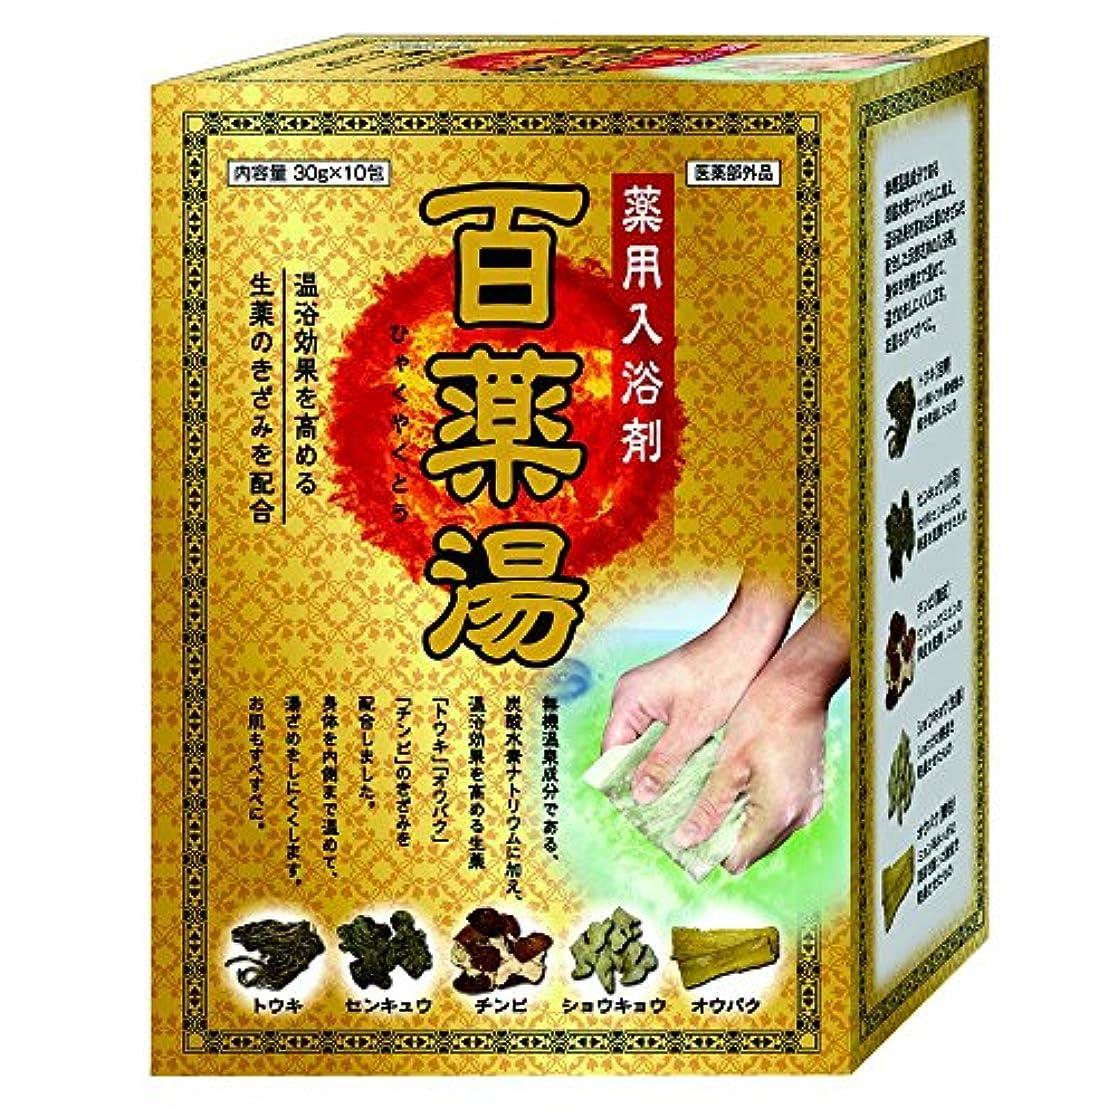 頬骨覗く国百薬湯 薬用入浴剤 温浴効果を高める生薬のきざみを配合 30g×10包 (医薬部外品)